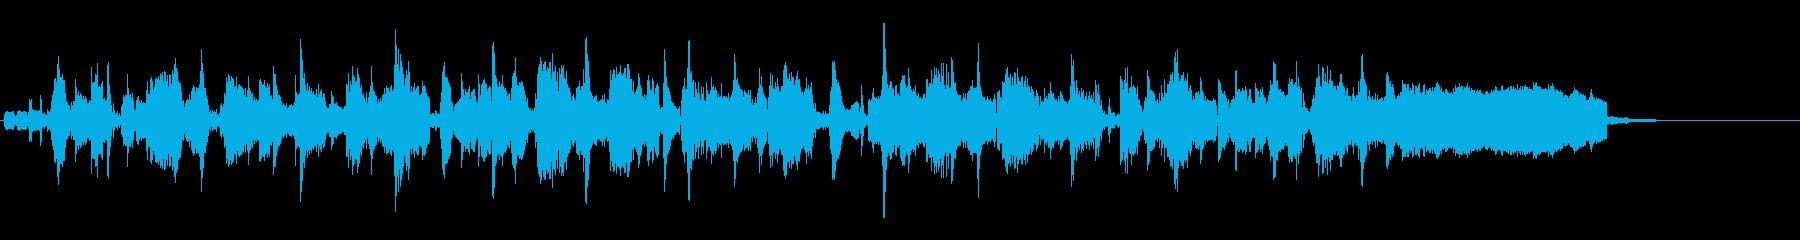 DJのスクラッチが特徴のLofiジングルの再生済みの波形